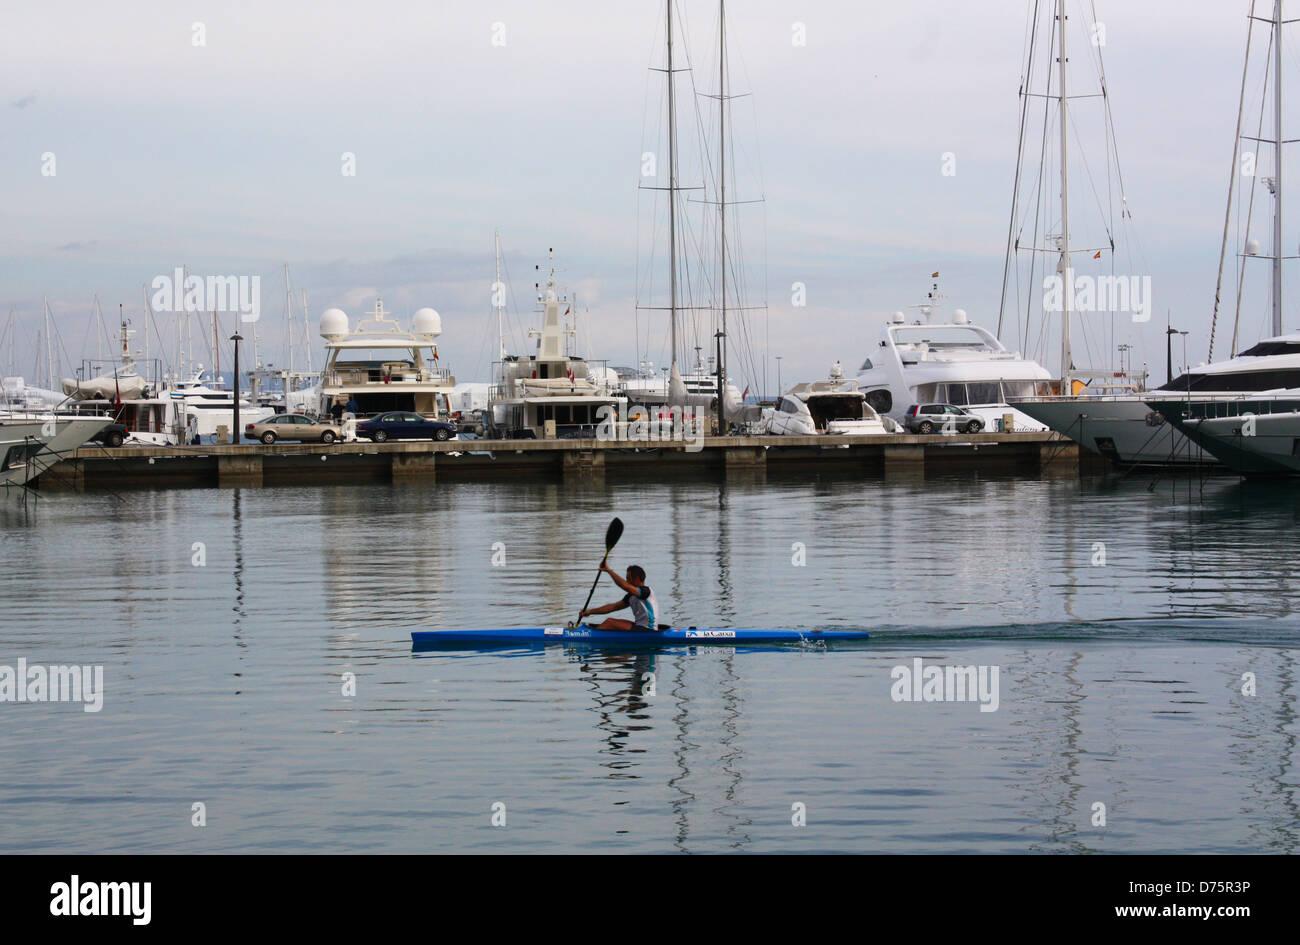 Man rowing in Palma De Mallorca, Spain Stock Photo